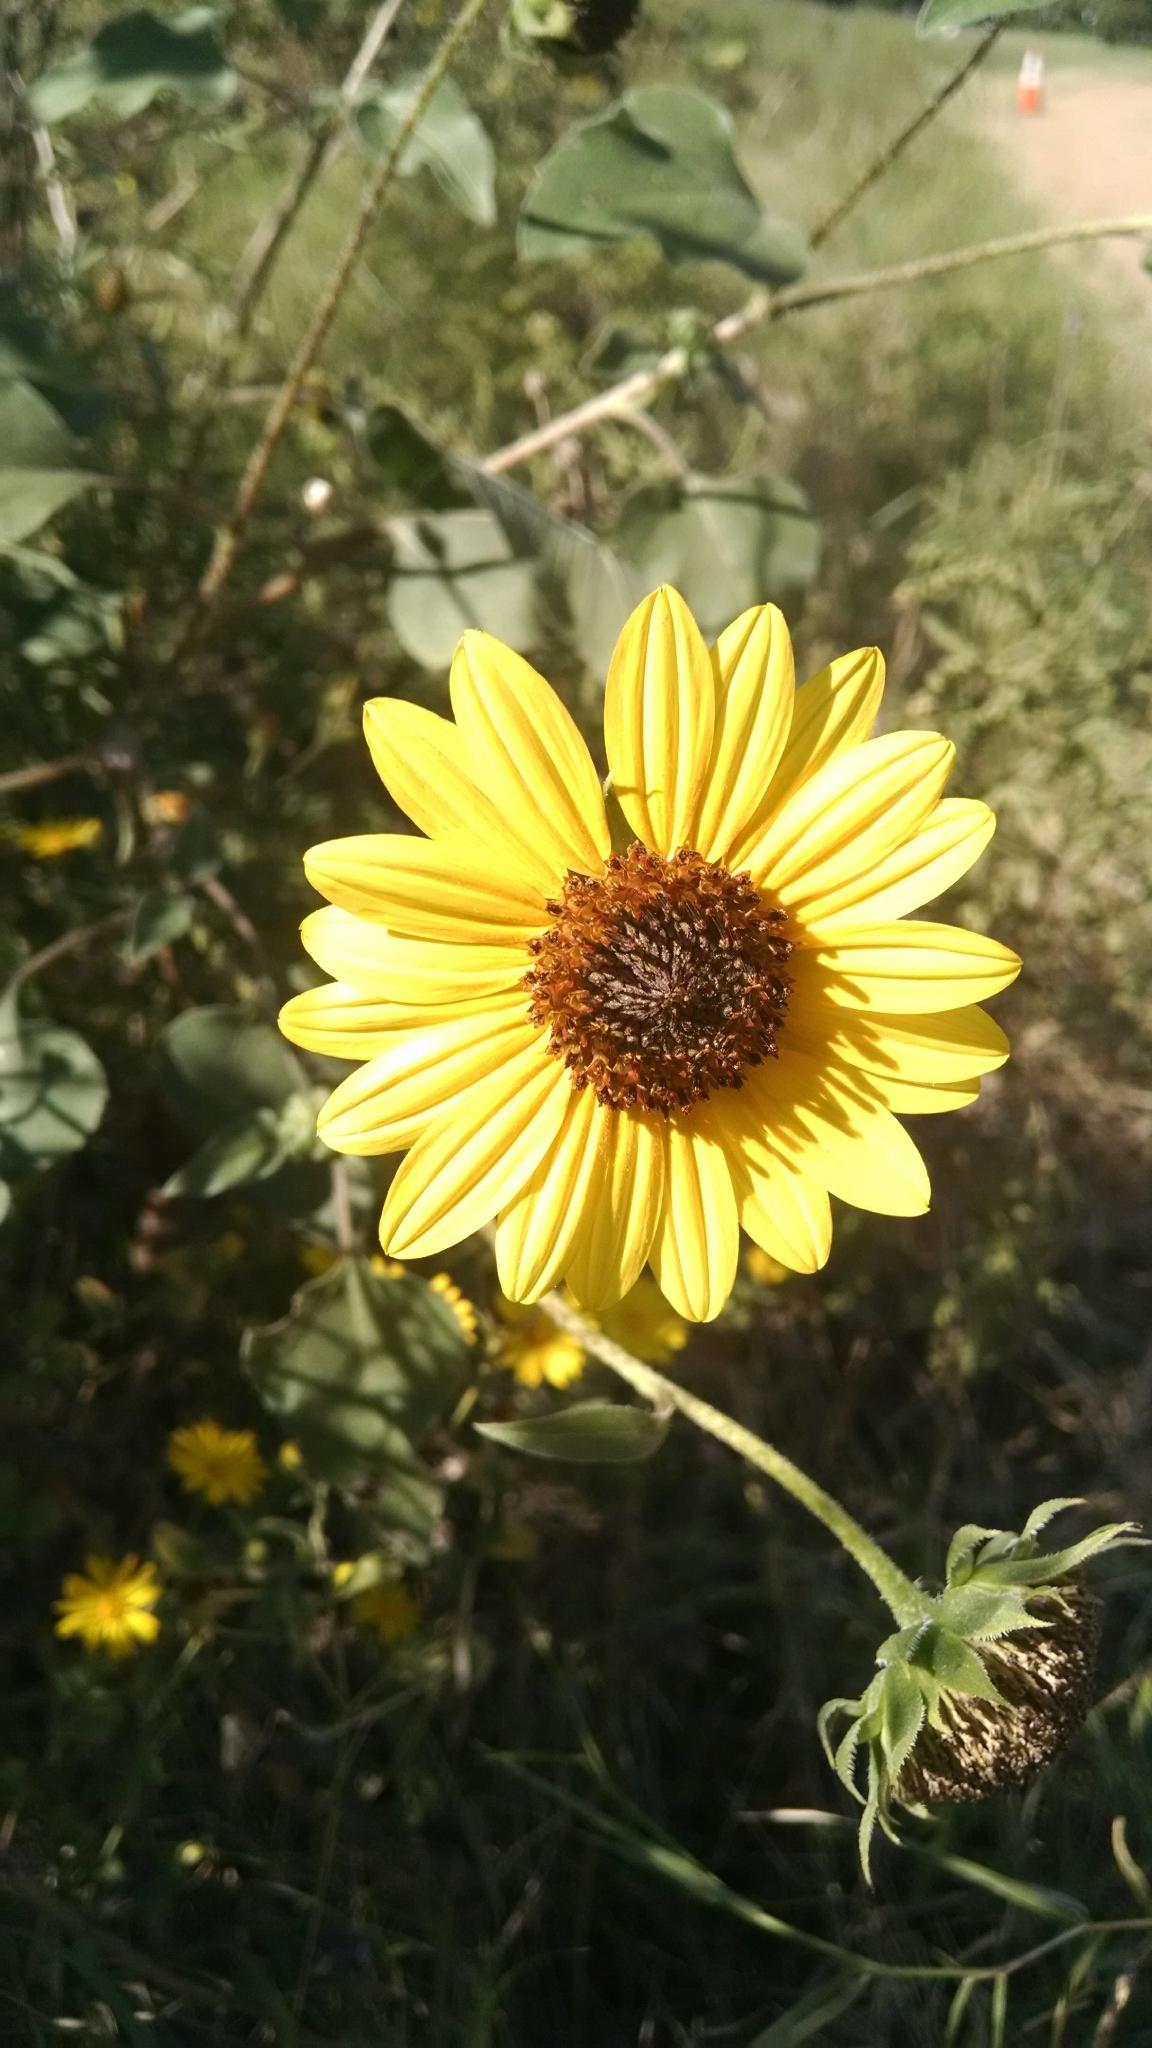 Texas Sunflower Wild Keep Austin Biodiverse